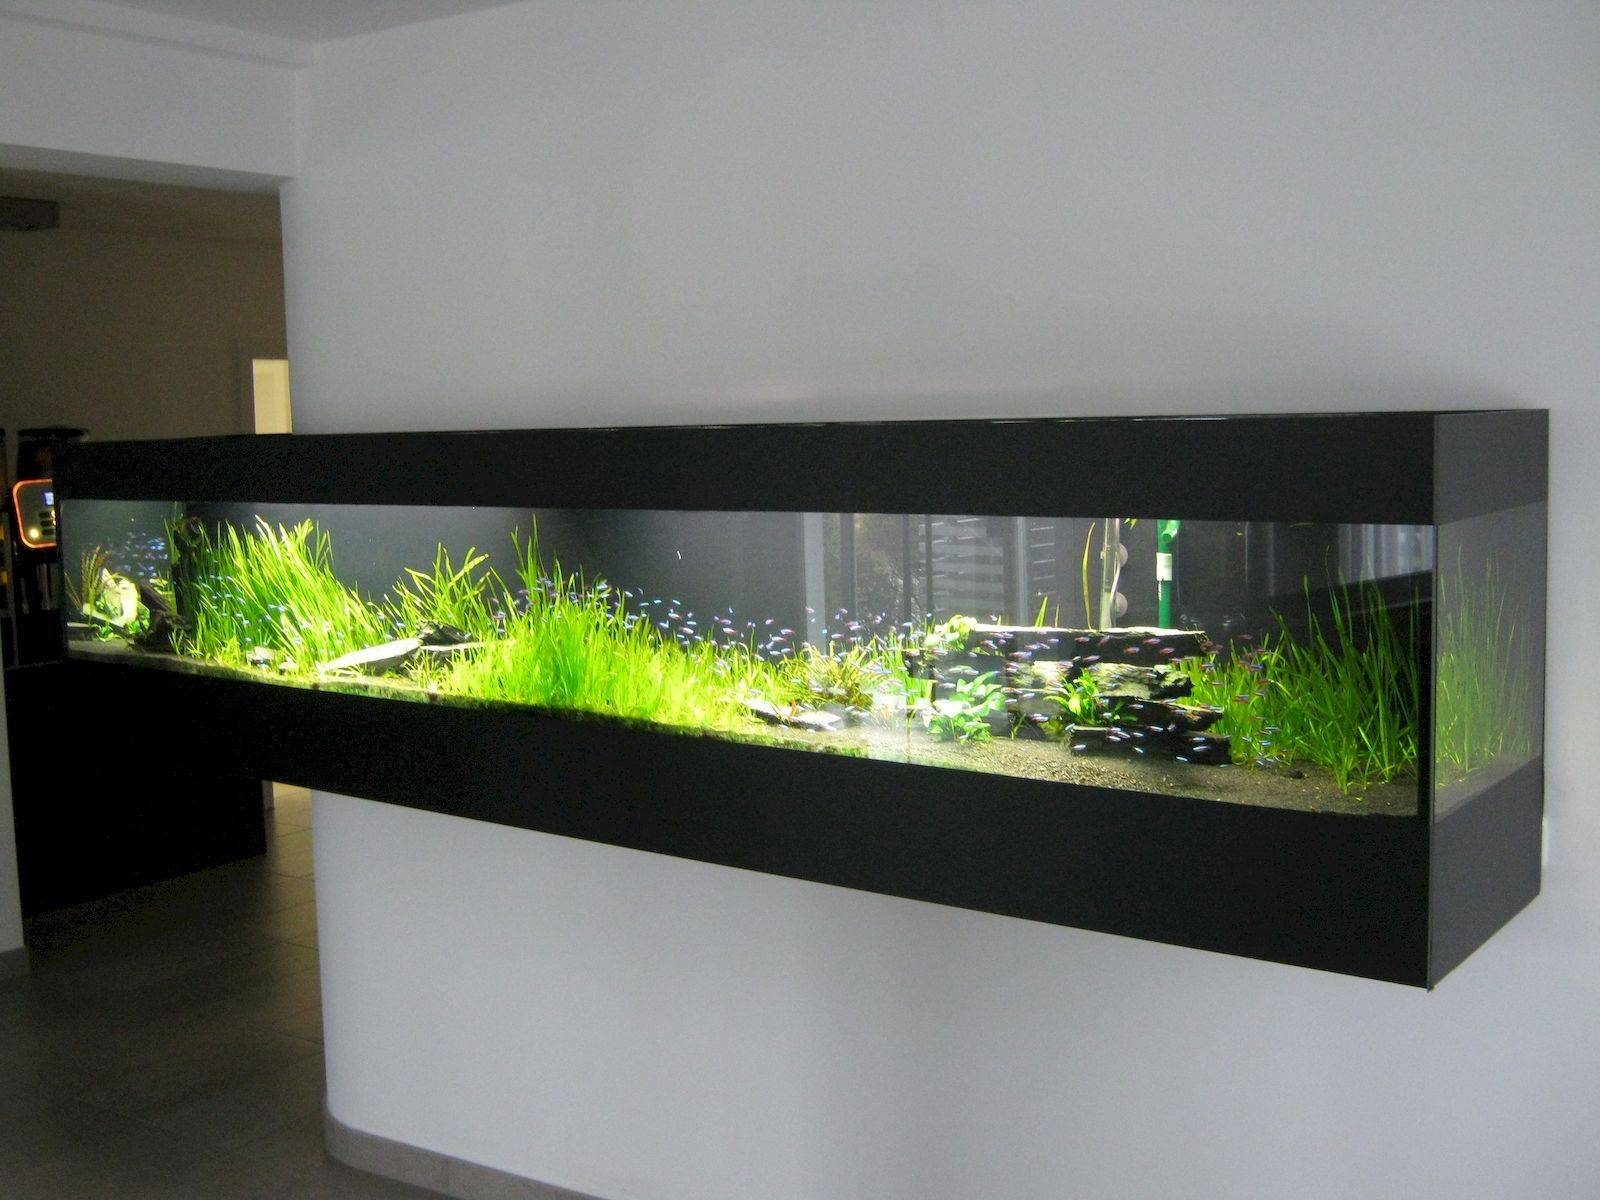 изящная красота фото узких аквариумов депутат